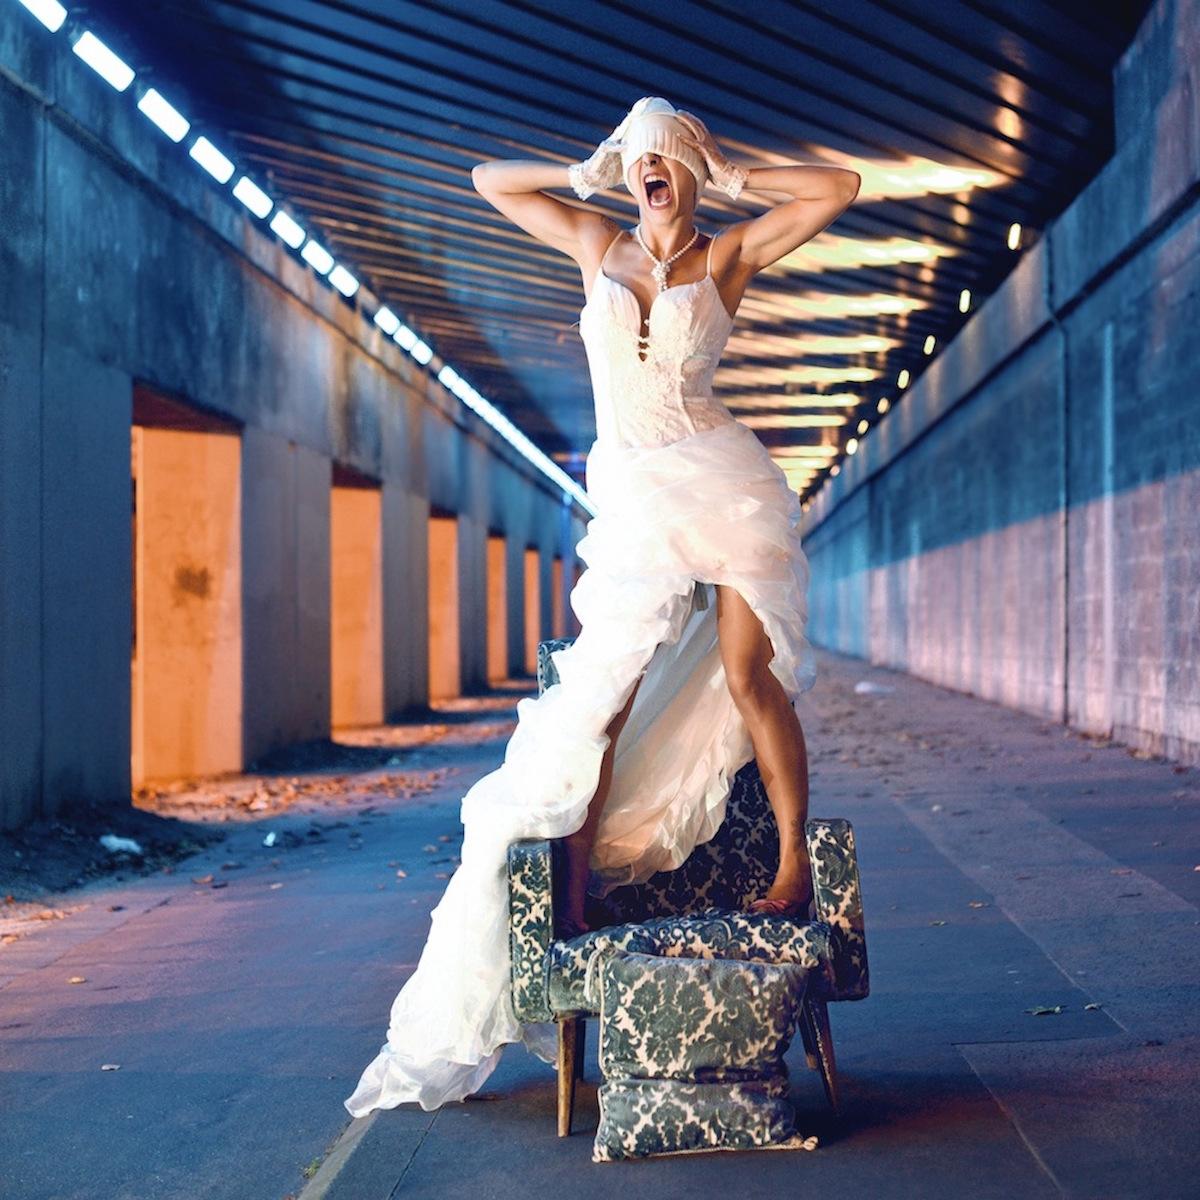 photo de mariee pour exposition photo serie Sofabsurde Etienne RUGGERI biennale art contemporain lyon